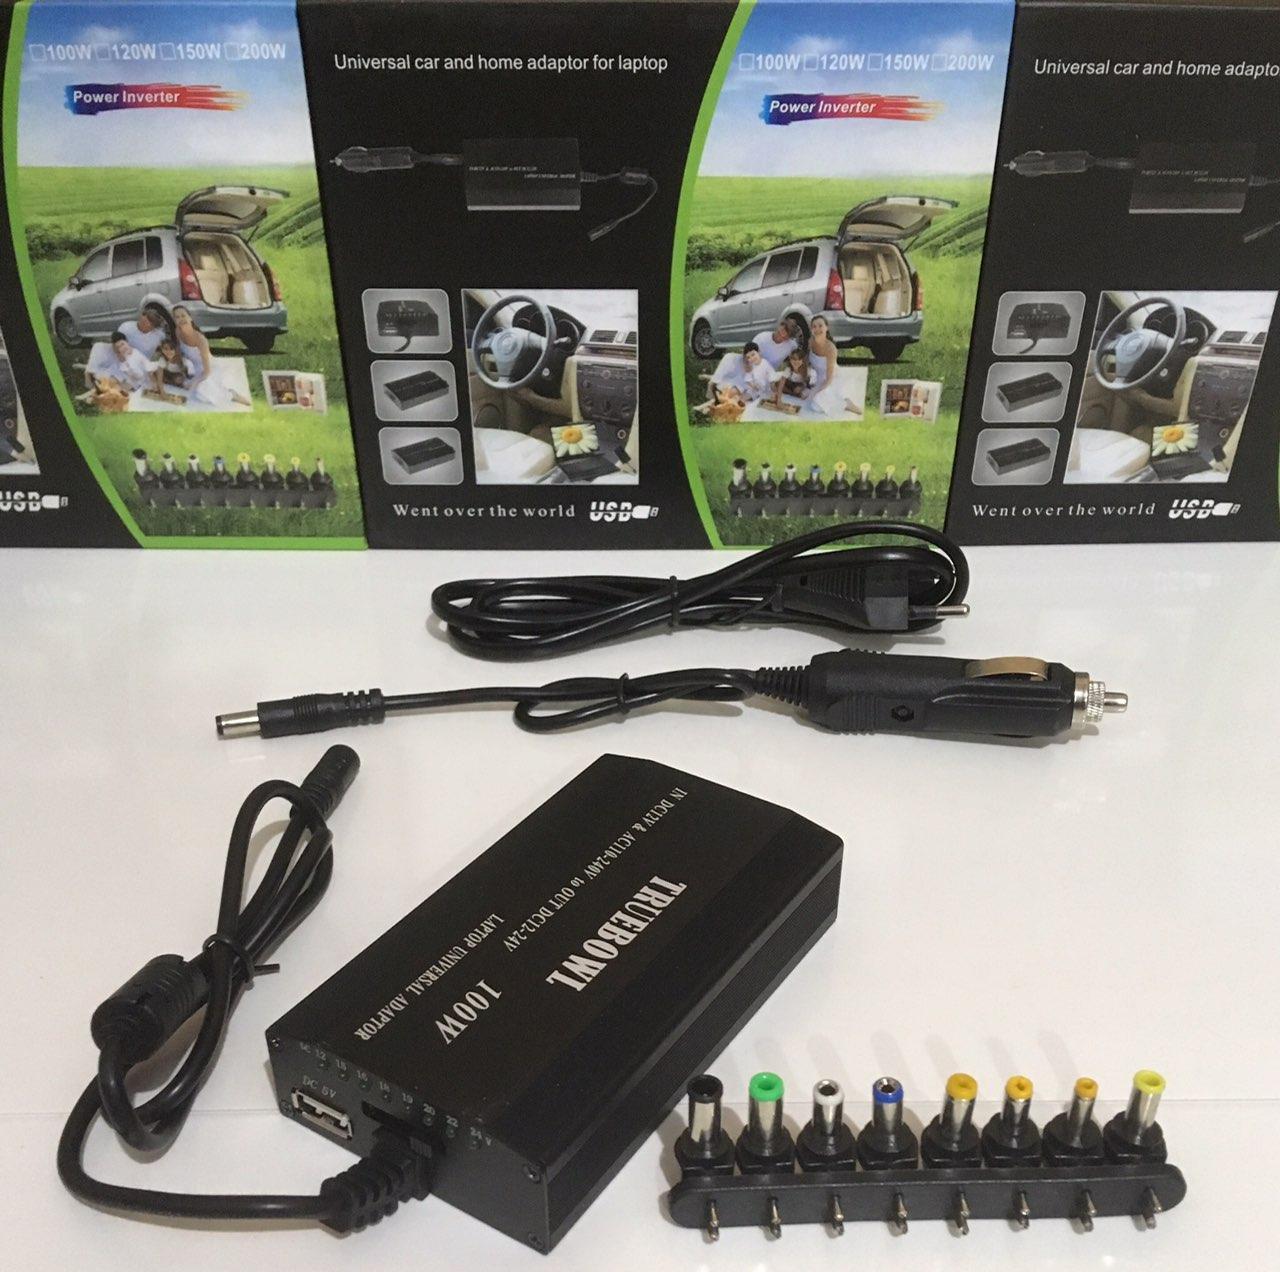 Адаптер для laptop ART-901/0302/MY-121( Laptop Universal Adapter 220/12V )